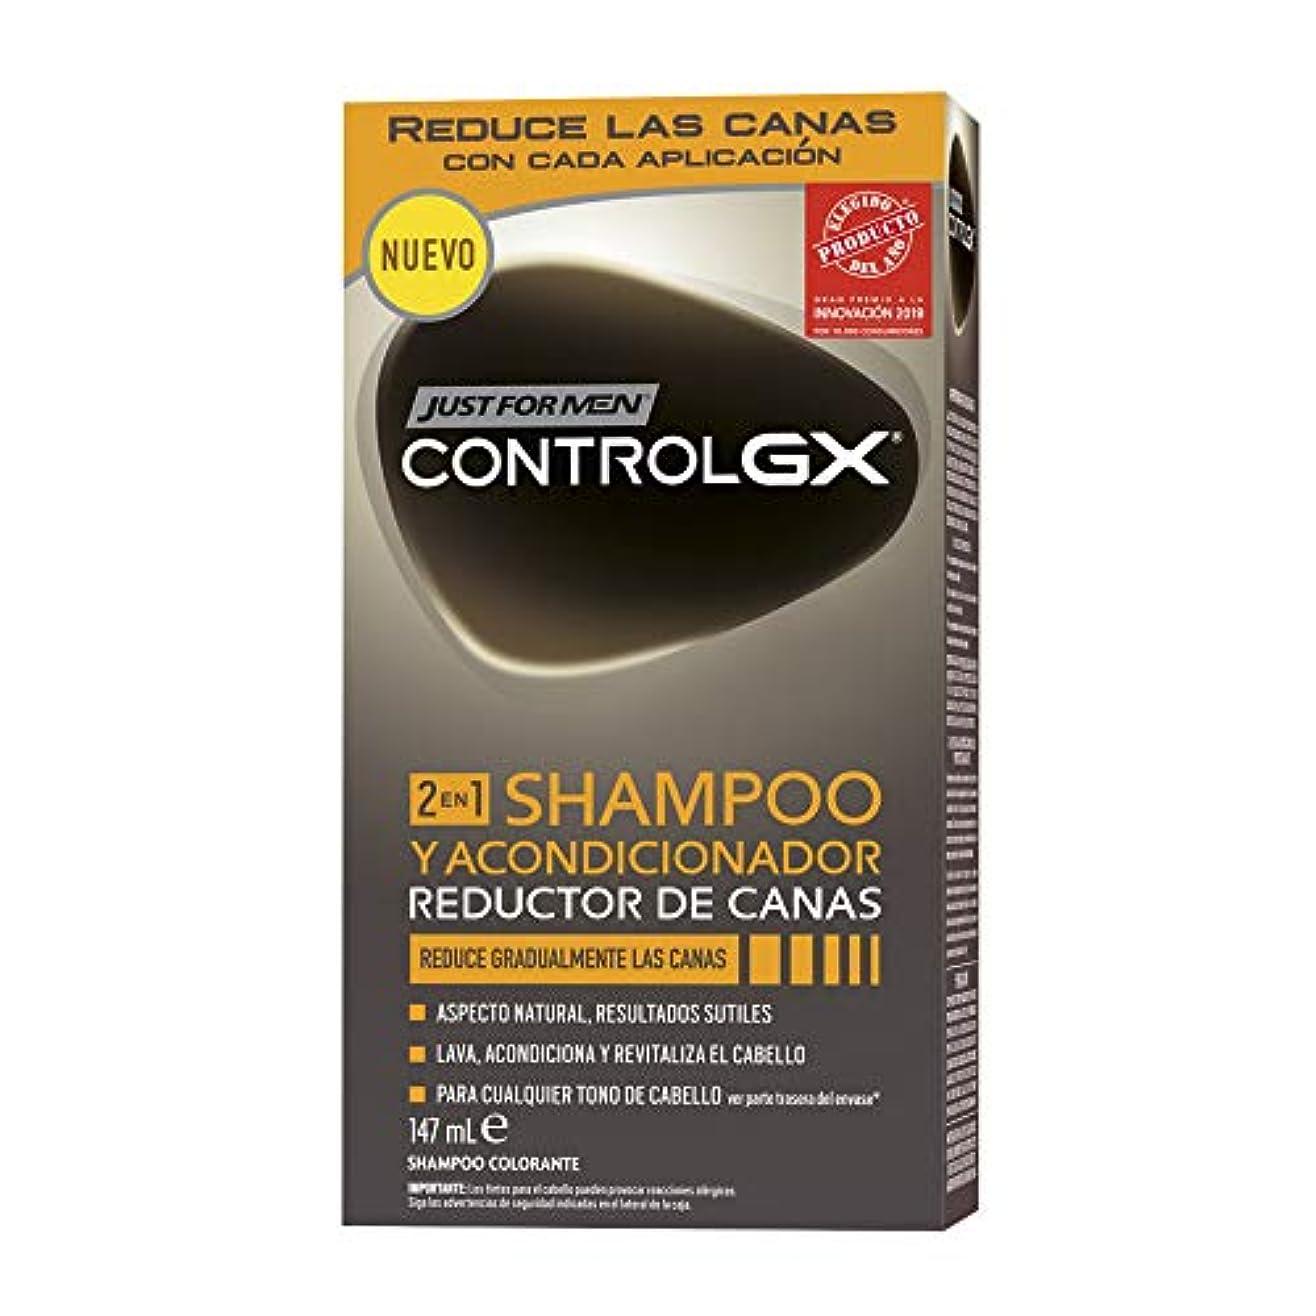 変更可能非互換相談する男性用2 1 in controlgx REDUCTORカナスシャンプー